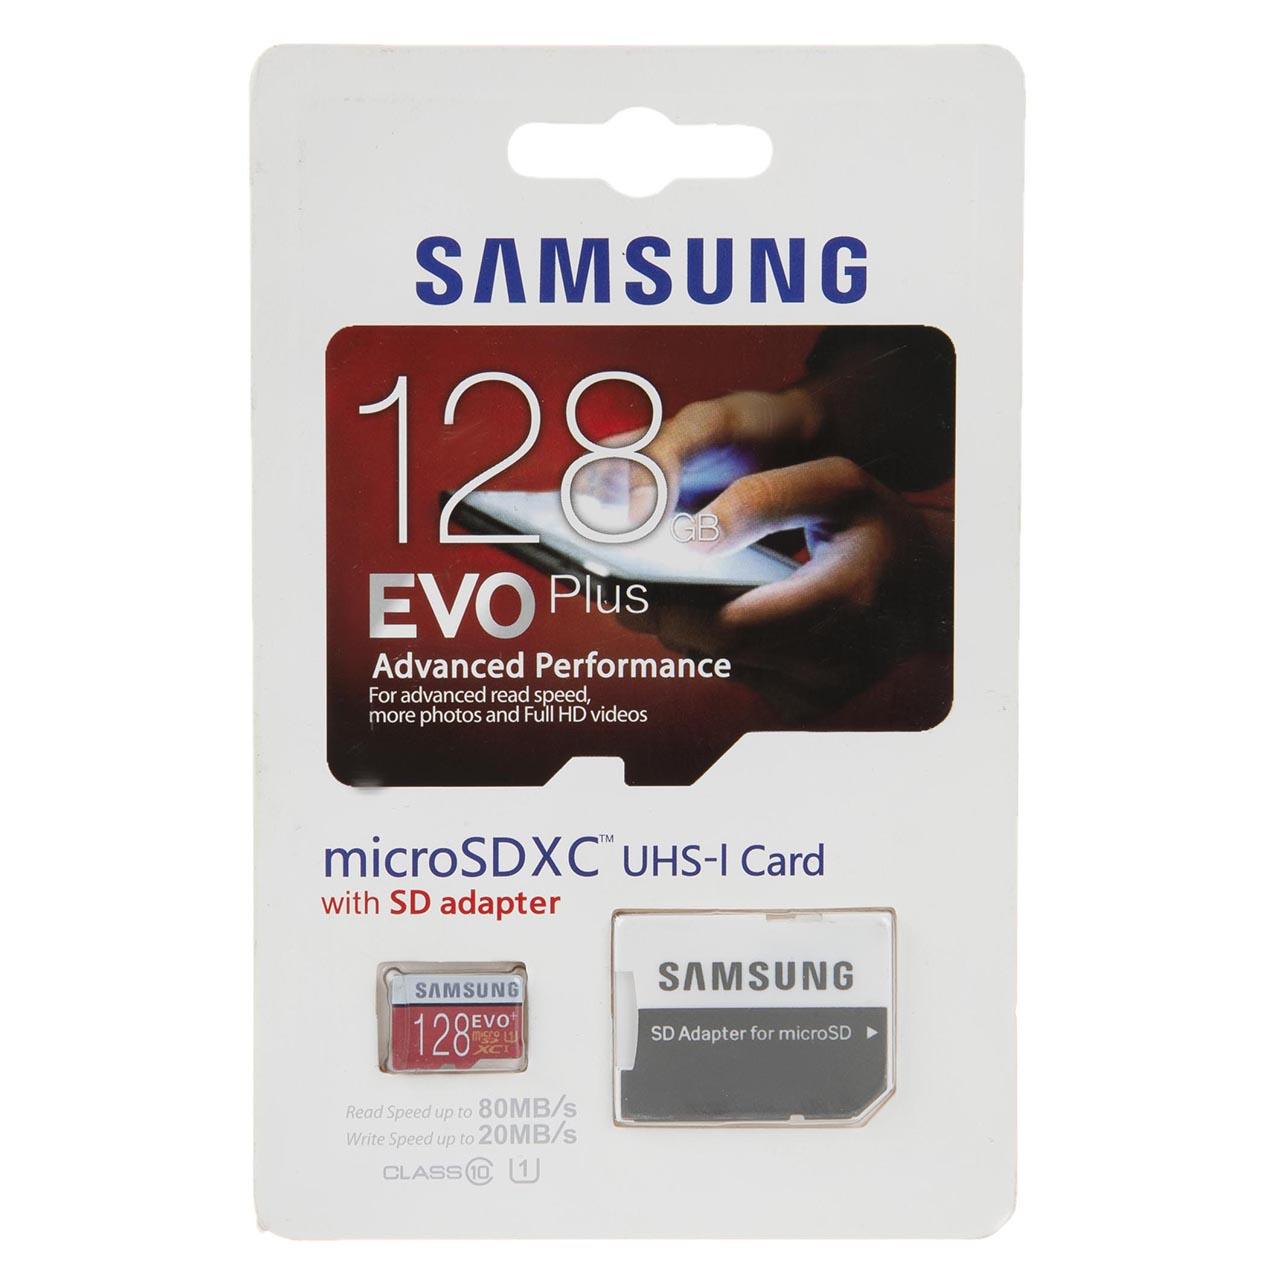 کارت حافظه microSDXC سامسونگ مدل Evo Plus کلاس 10 استاندارد UHS-I U1 سرعت 80MBps همراه با آداپتور ظرفیت 128 گیگابایت